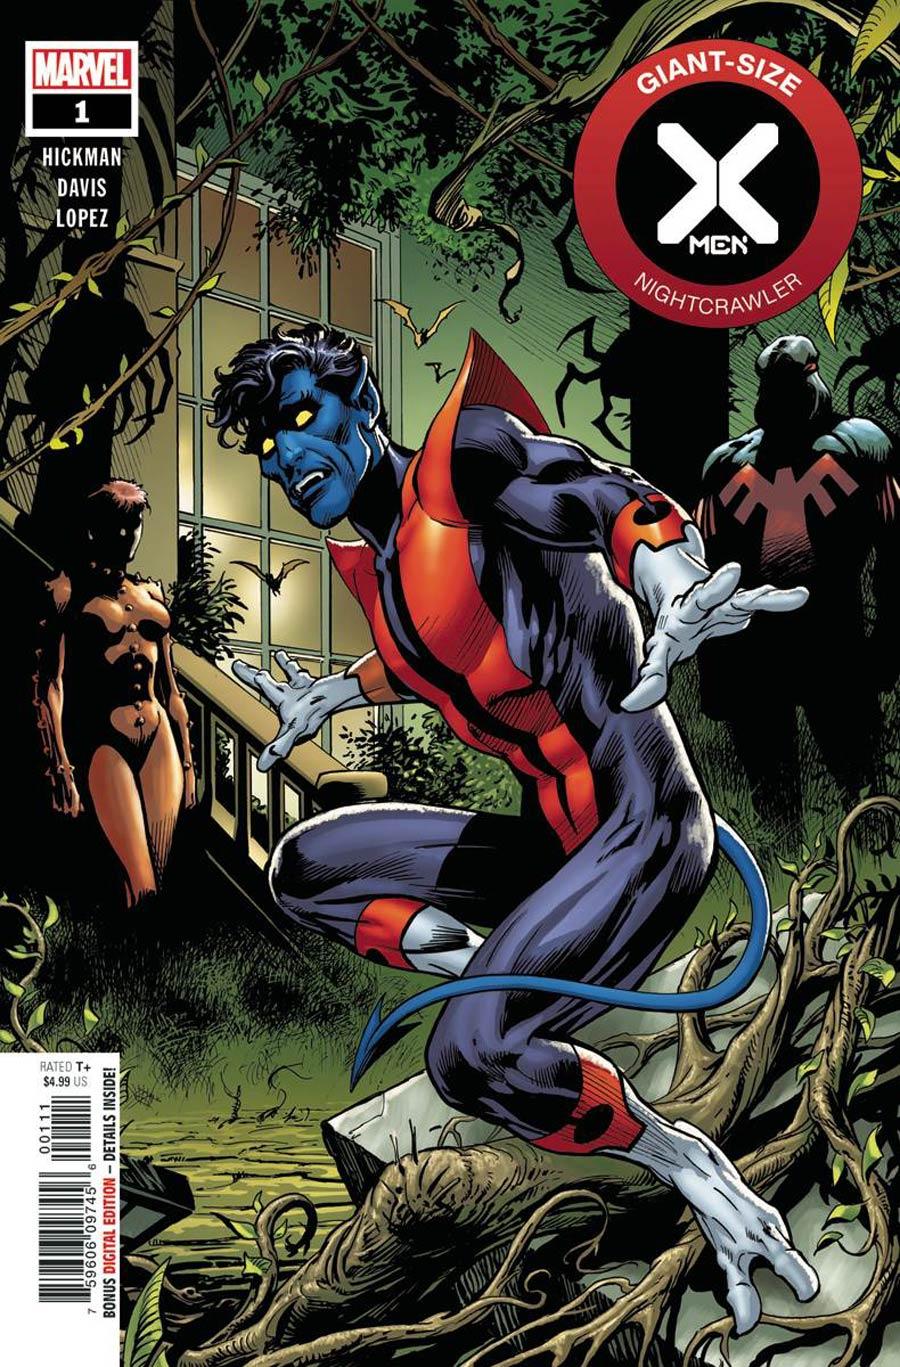 X-Men: Giant-Size - Magneto #1 (2020)